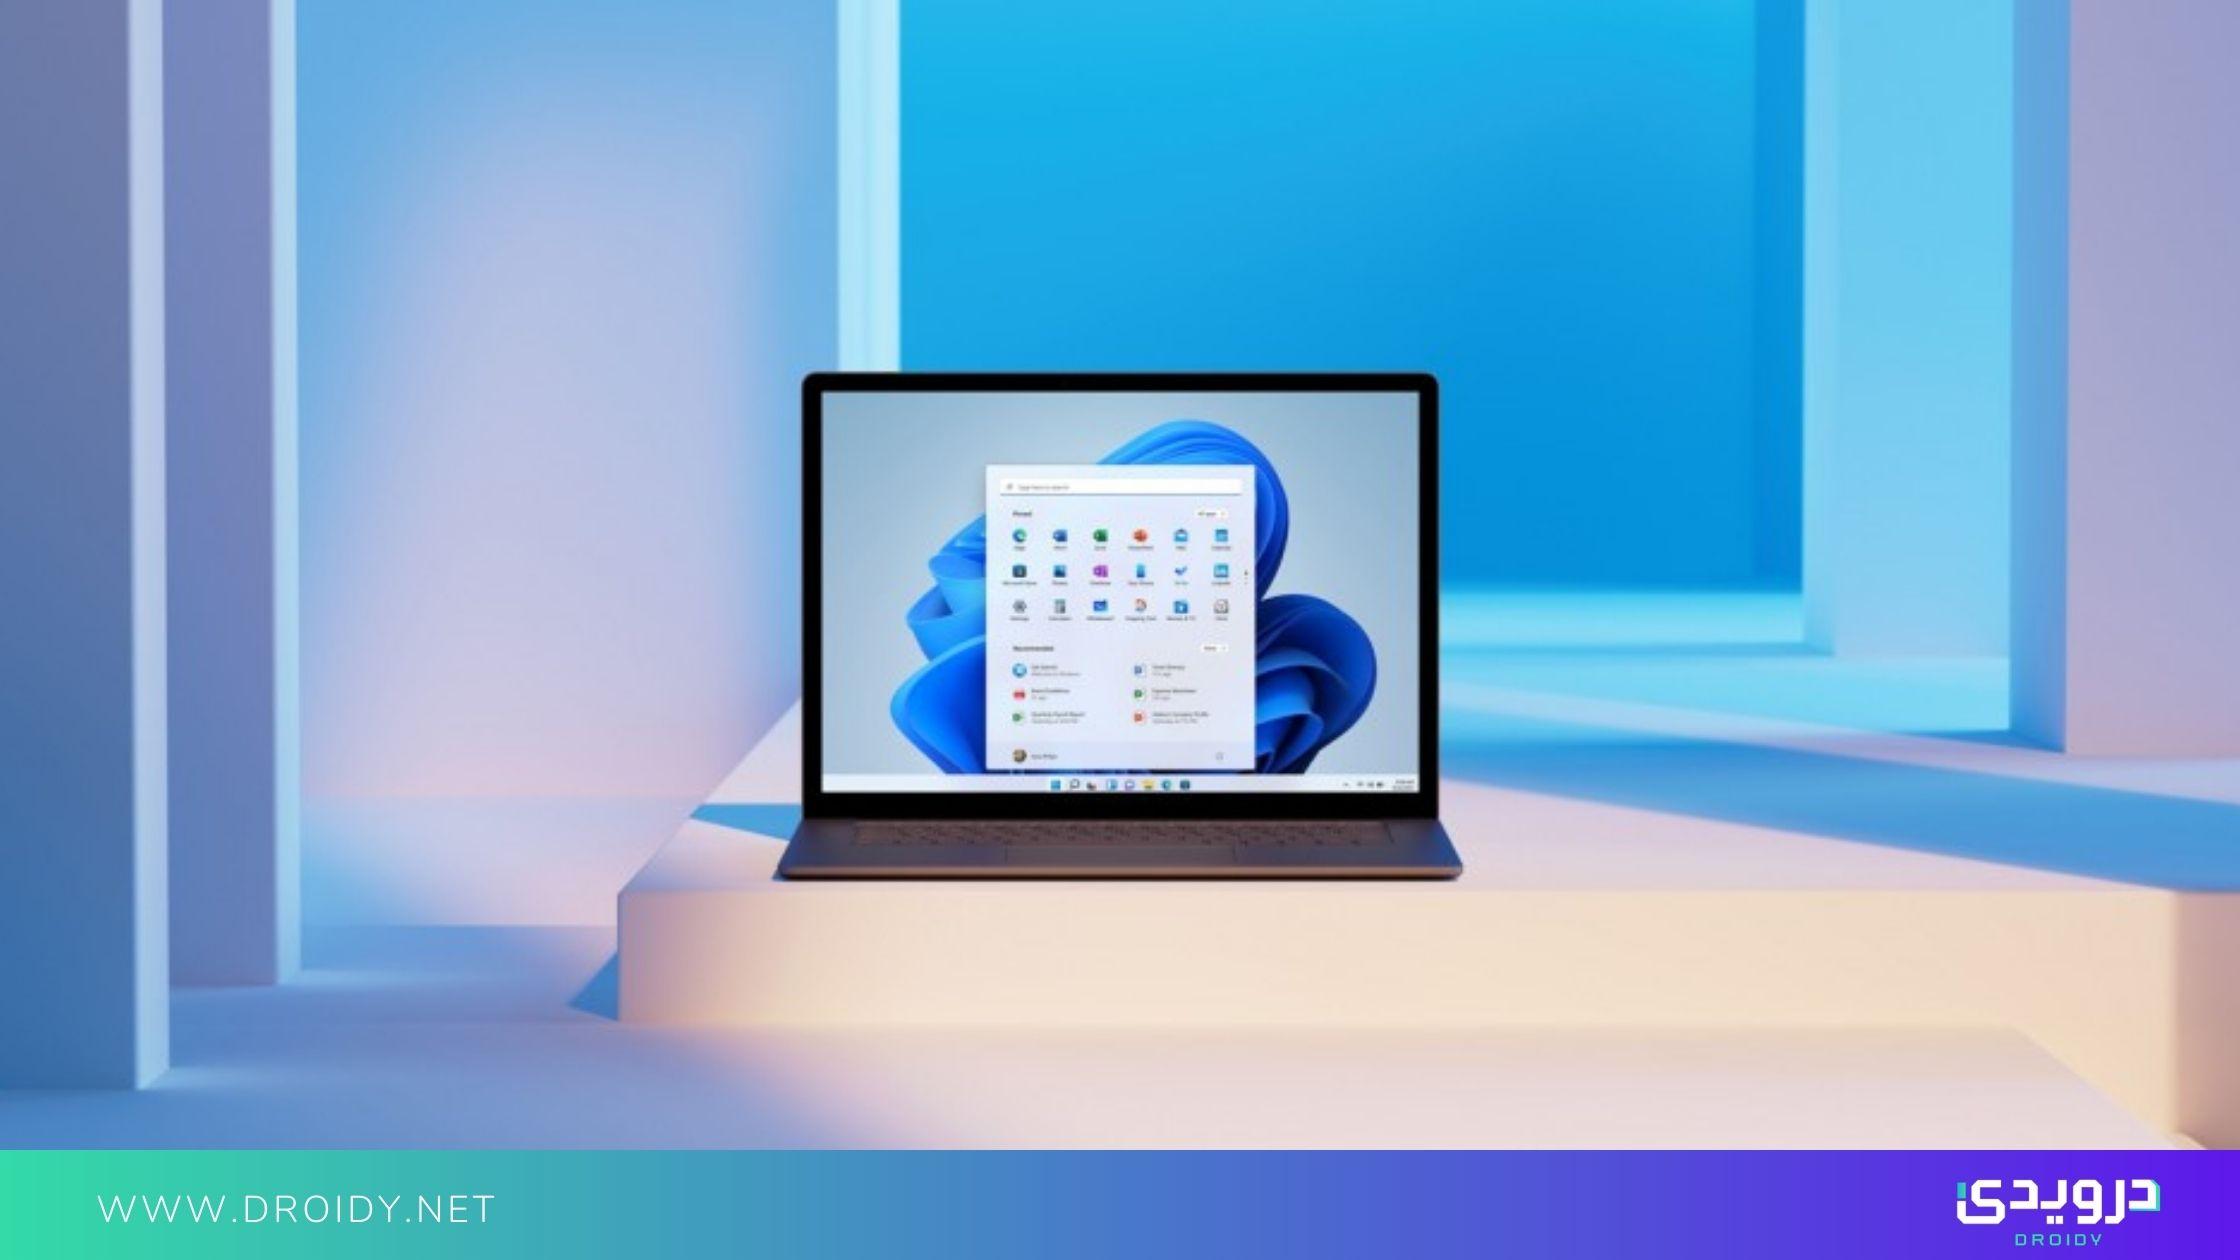 يمكنك تحديث جهازك إلى ويندوز 11 مجانًا اليوم